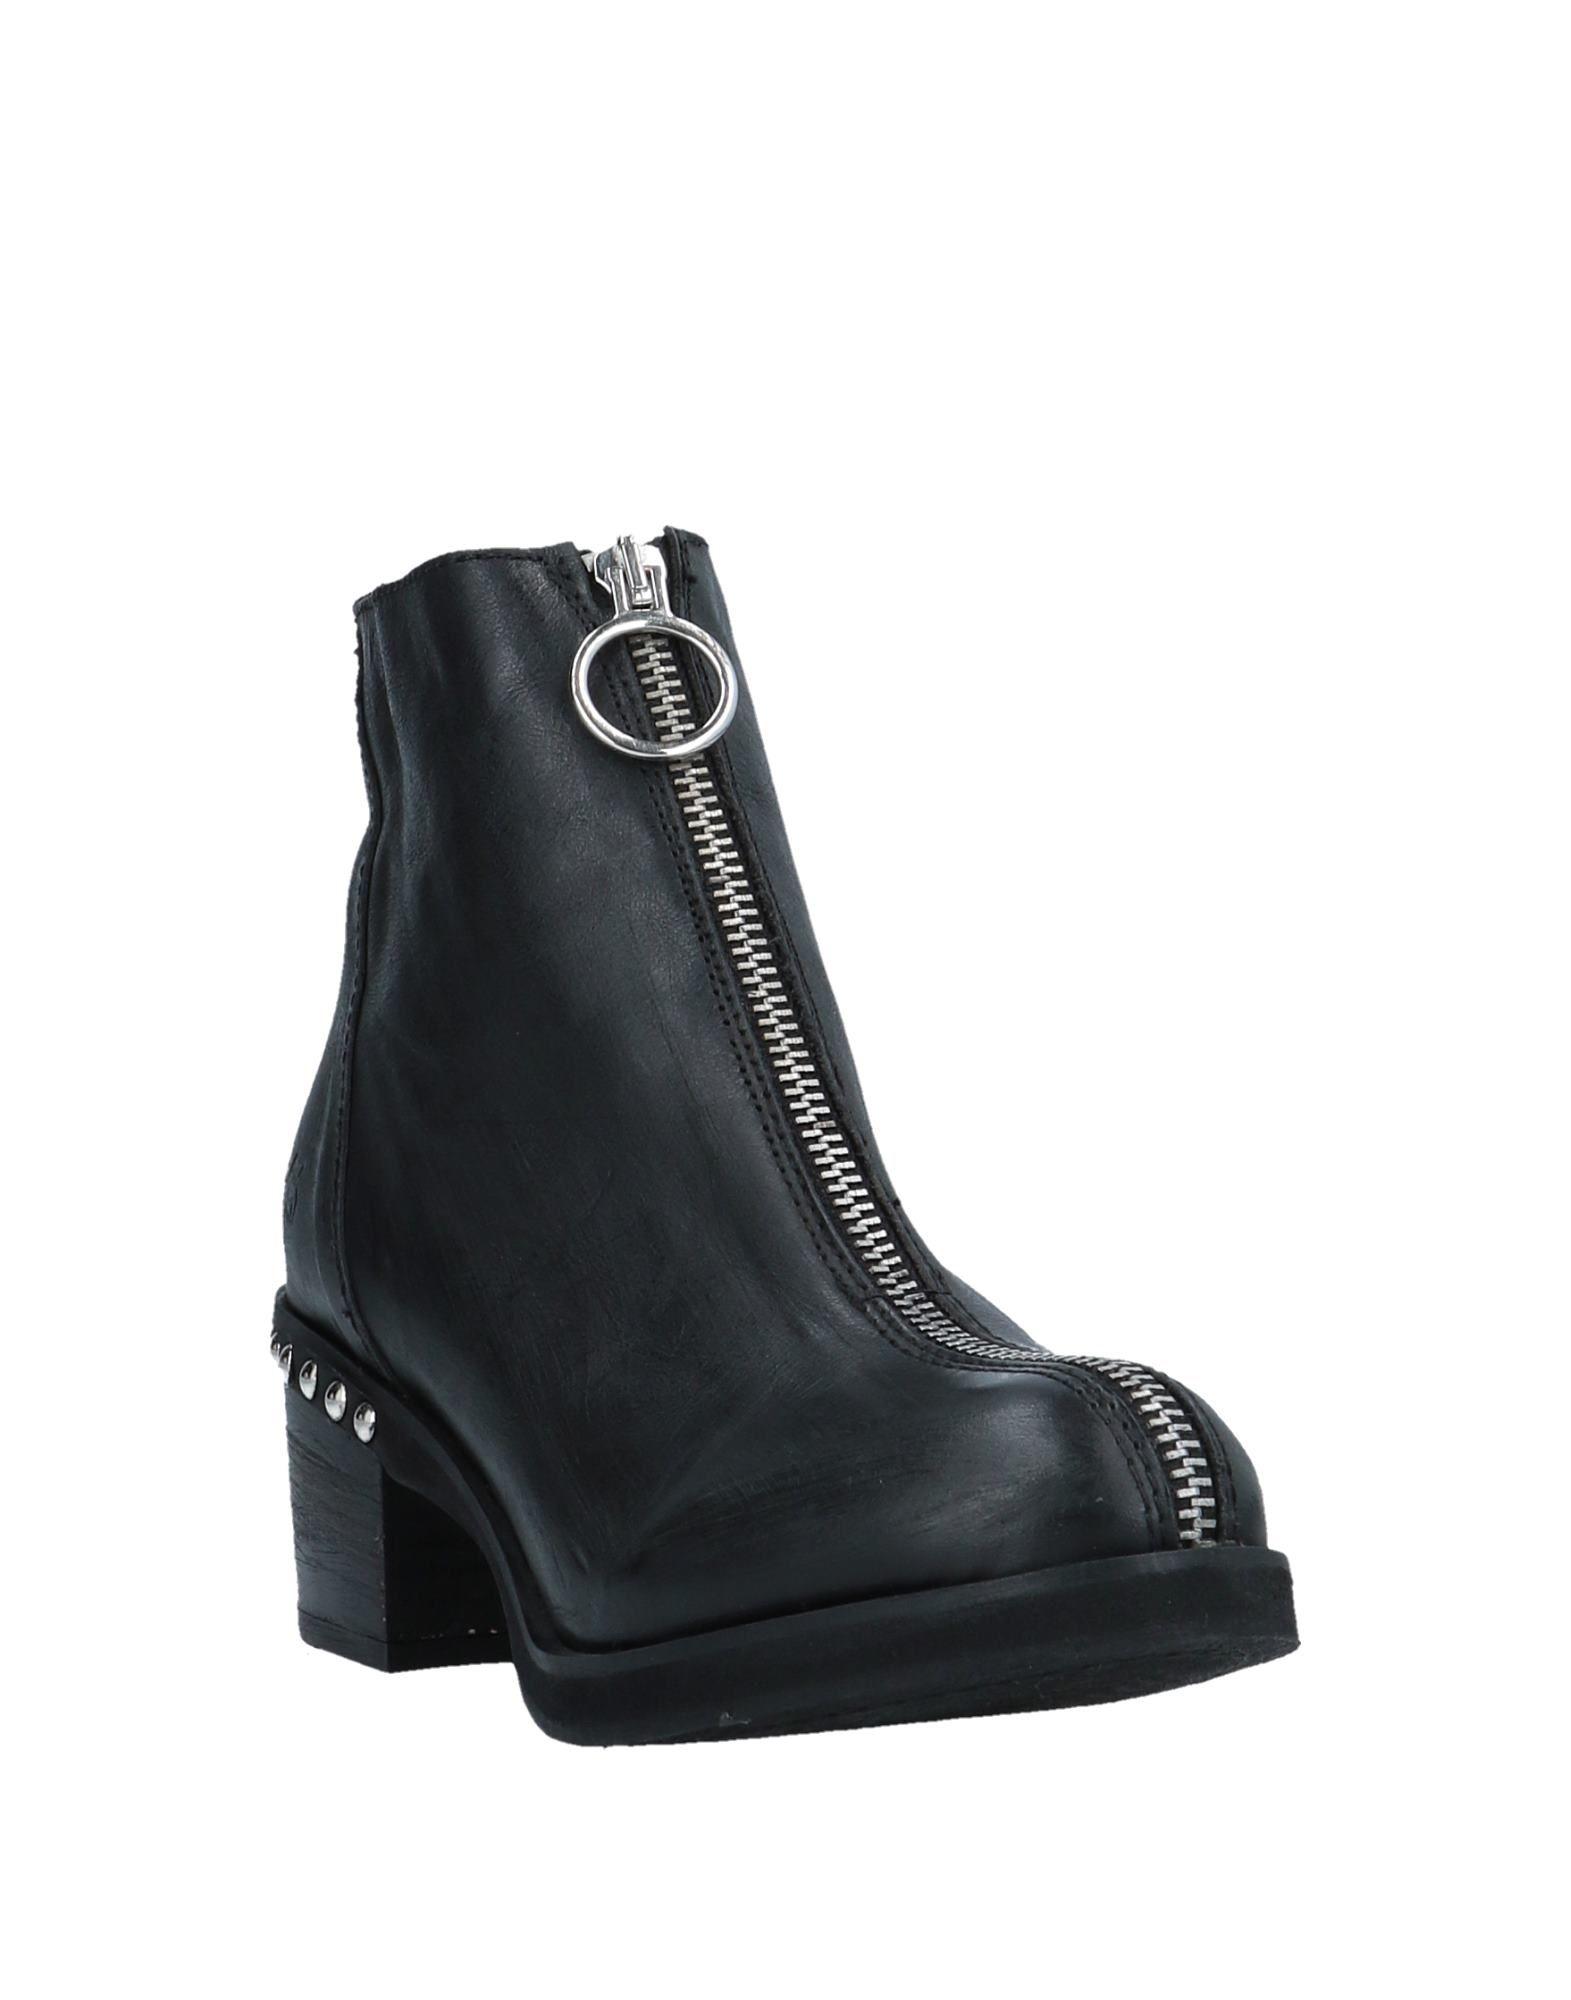 Gut um billige Stiefelette Schuhe zu tragenPolice 883 Stiefelette billige Damen  11544525BA 892148